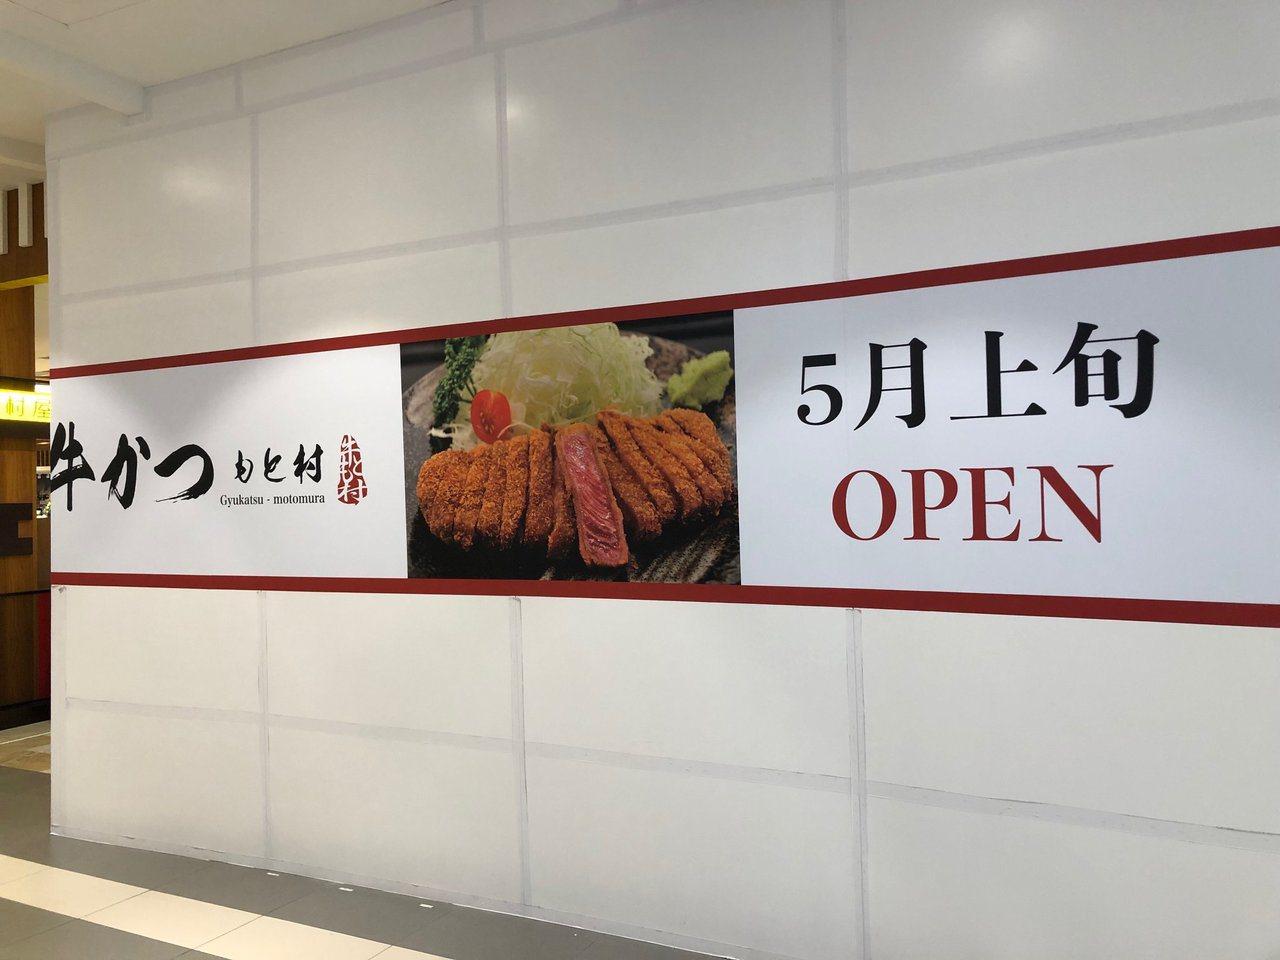 「牛かつもと村」將於5月於三井outlet開幕。圖/取自Mitsui Outle...